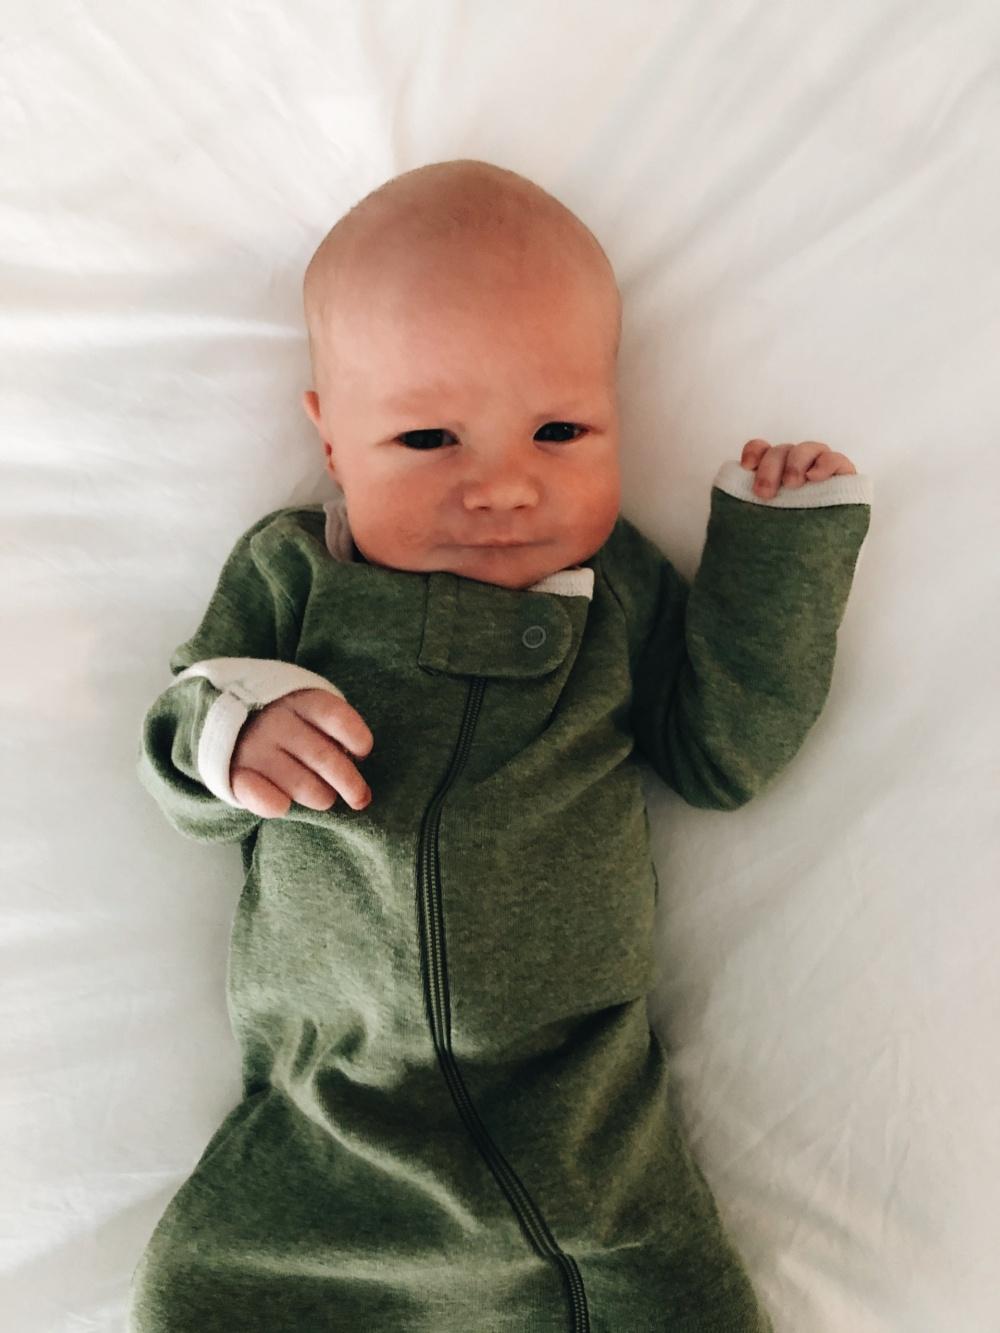 baby viggo in a green onesie